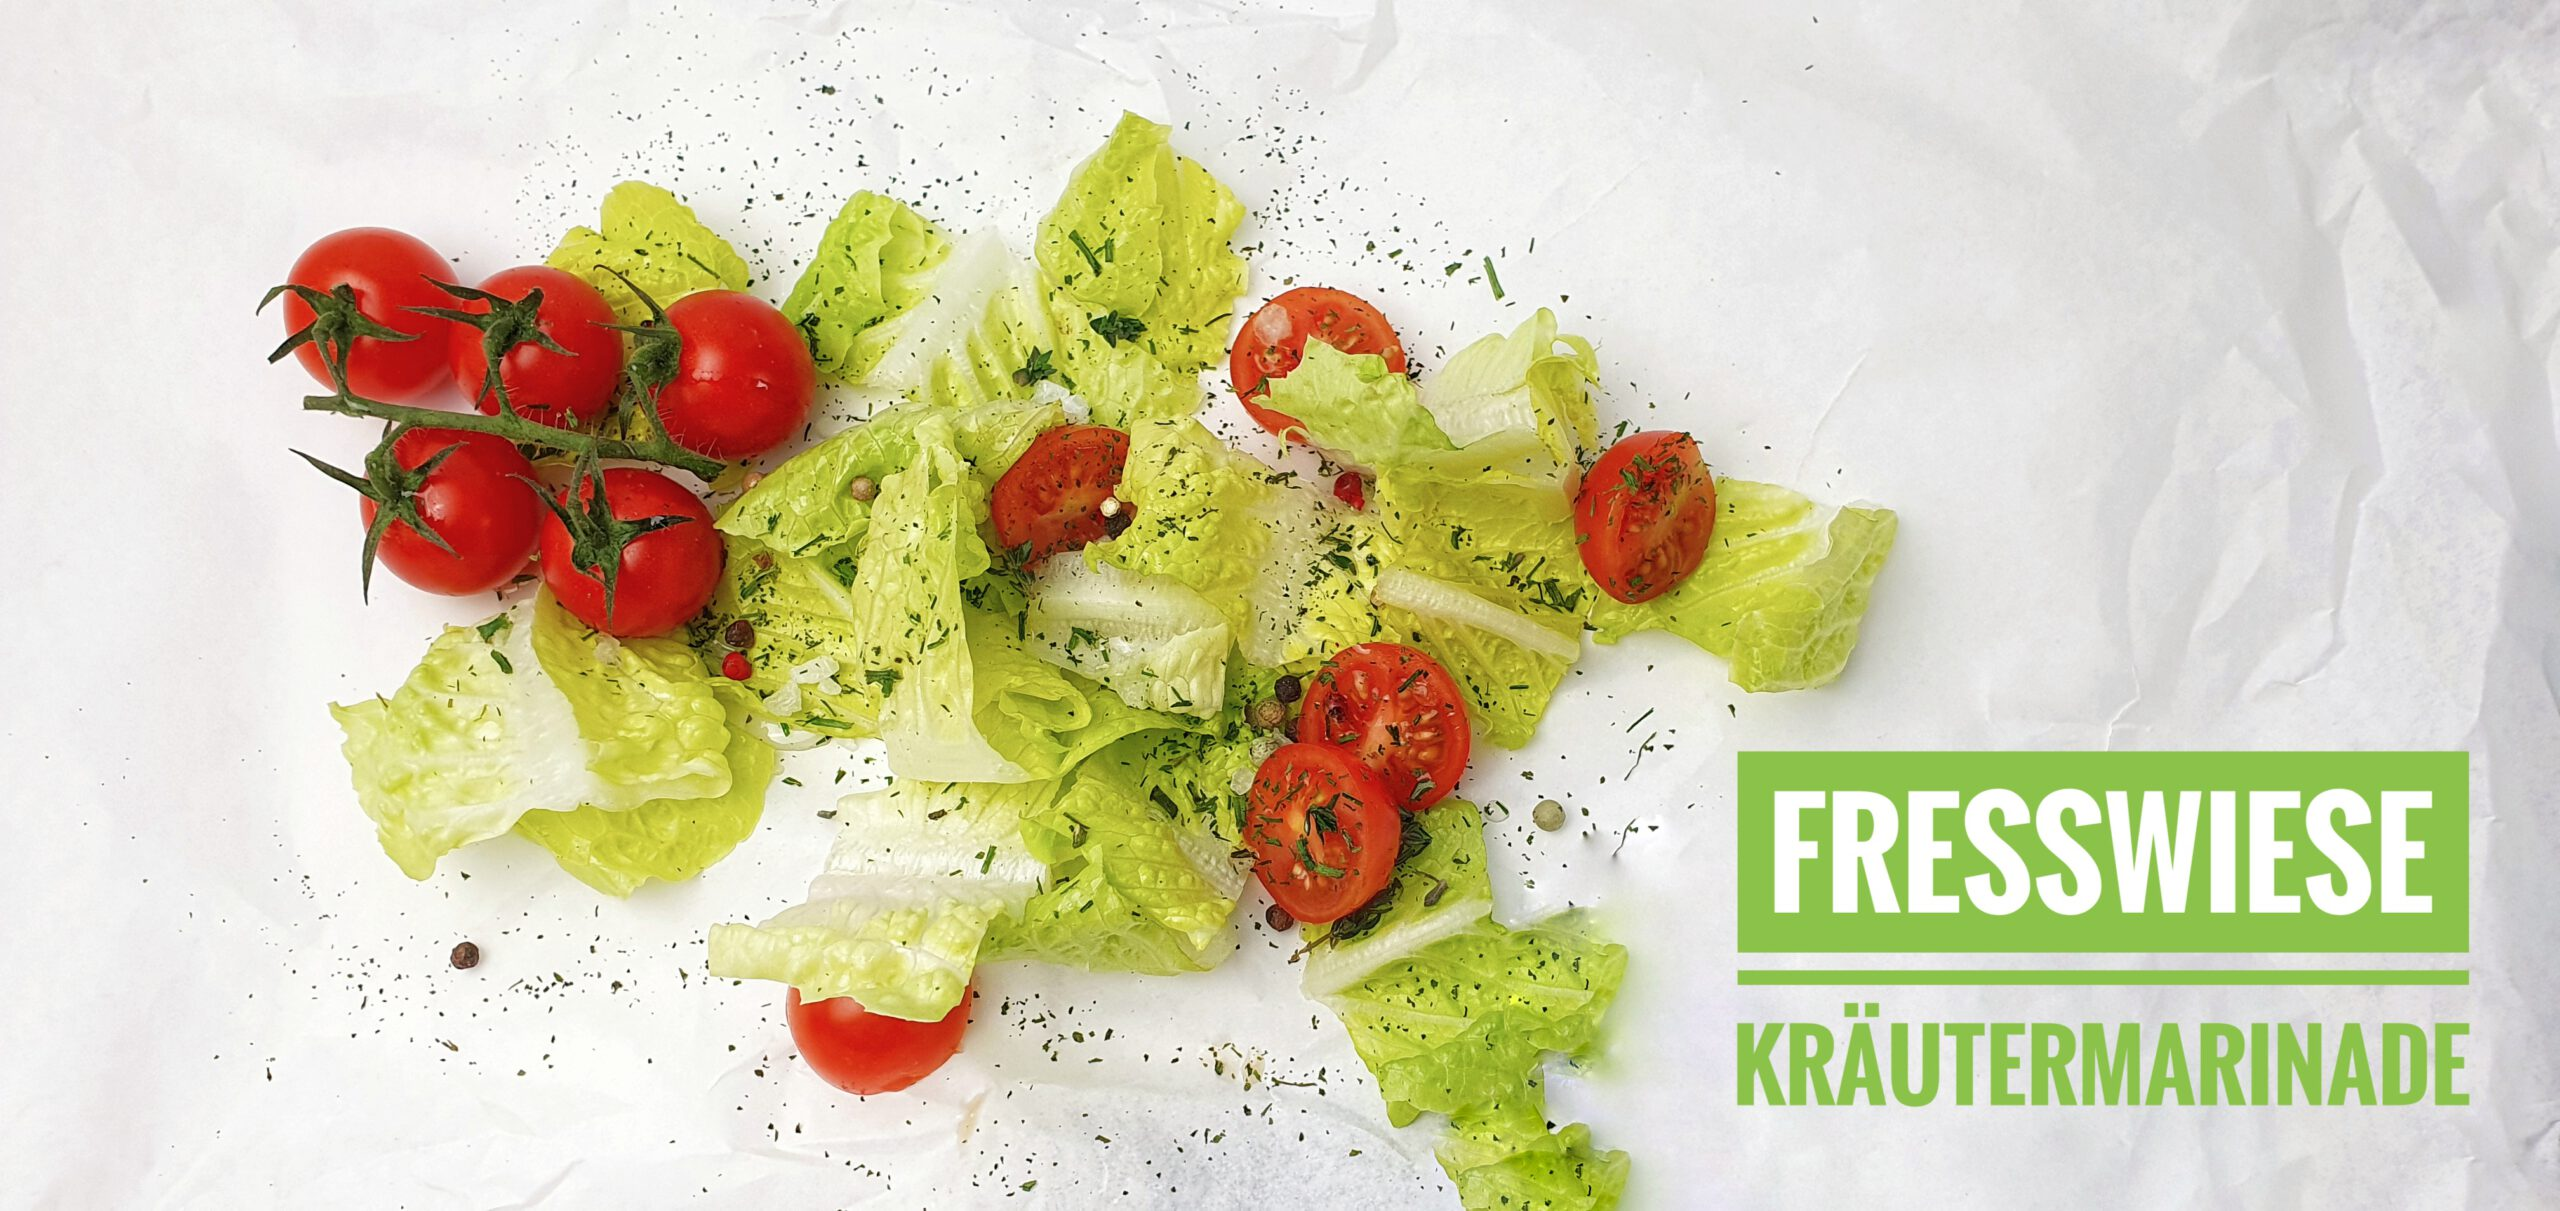 Fresswiese's Kräutermarinade